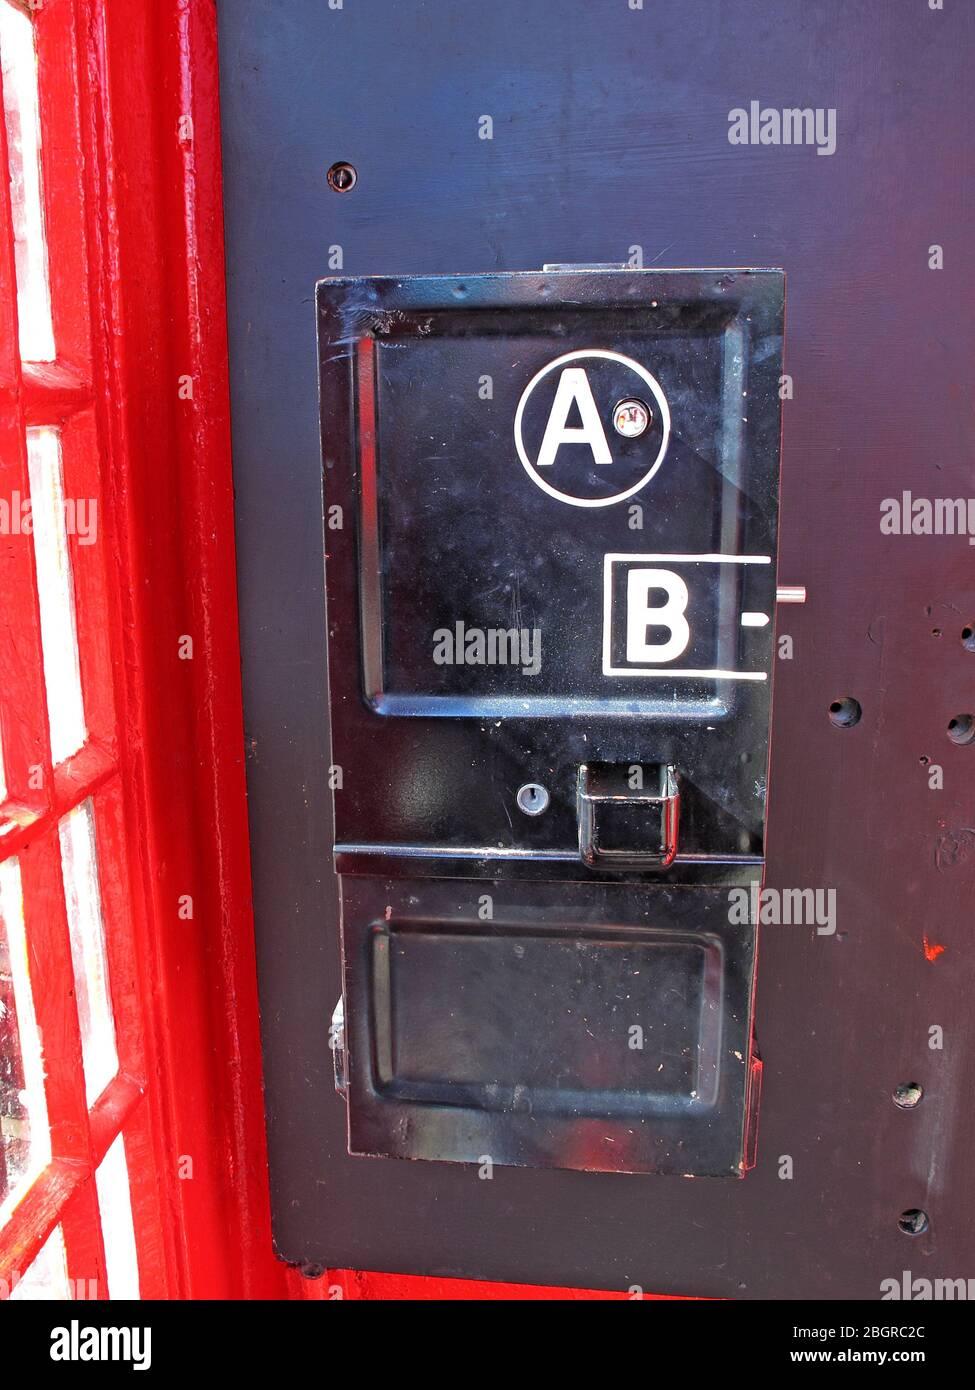 @hotpixuk,Hotpixuk,GoTonySmith,telephone,box,phone,BT,GPO,phonebox,coins,1940,1950,public telephone,telephone engineer,engineer,slot,coin slots,slots